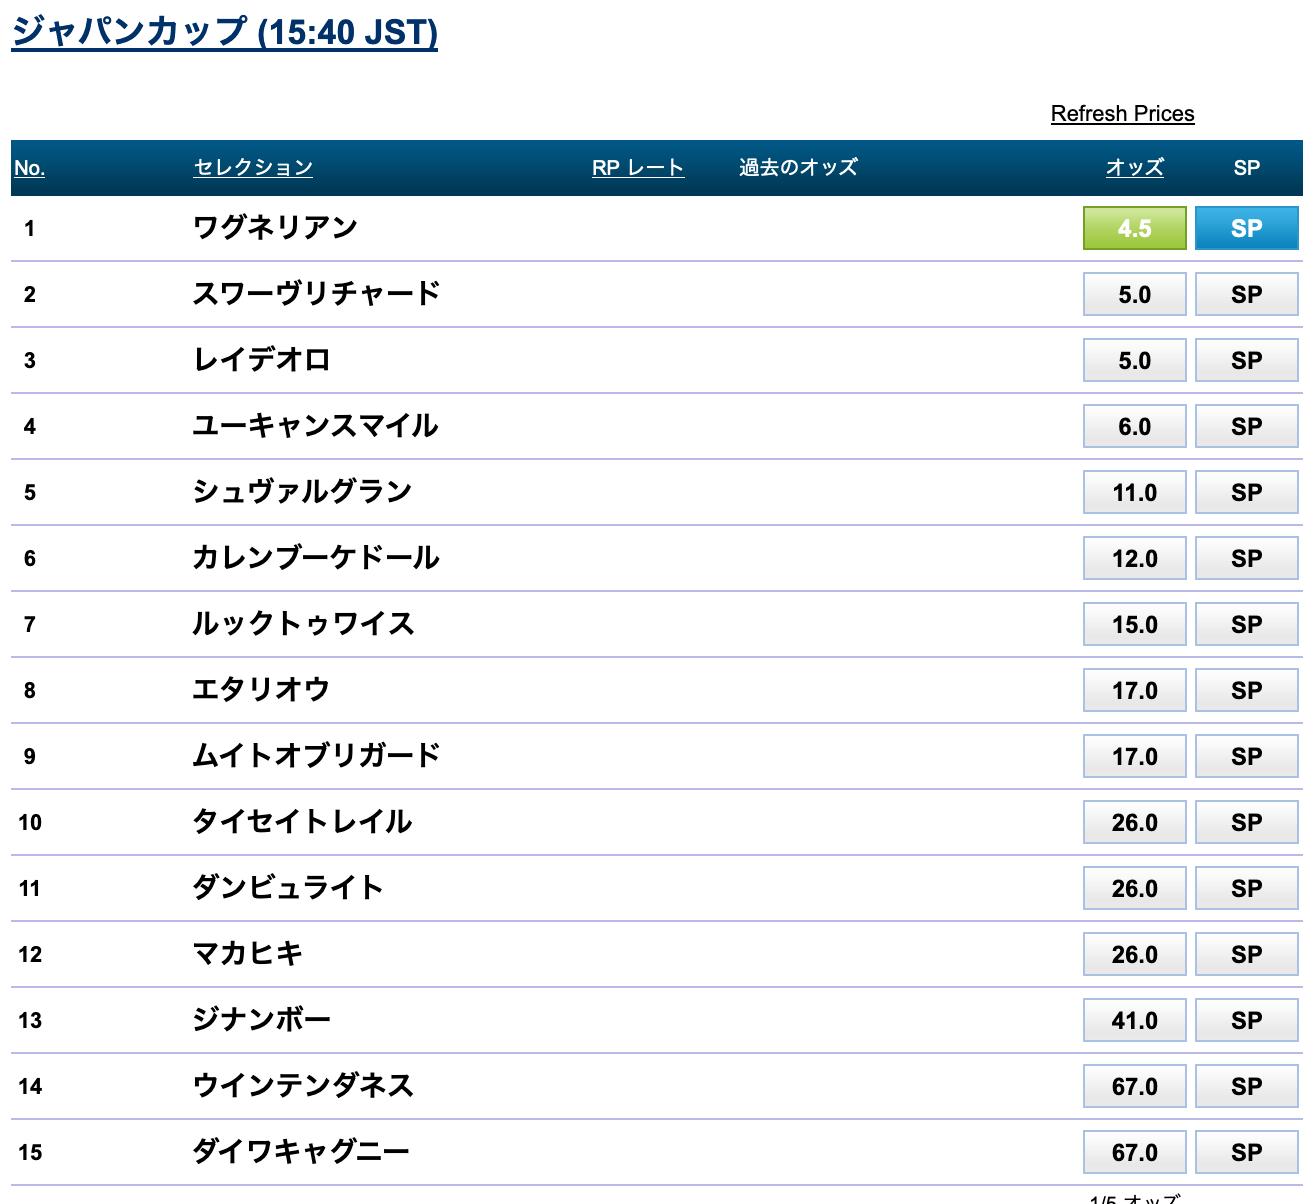 ジャパンカップ,最新オッズ